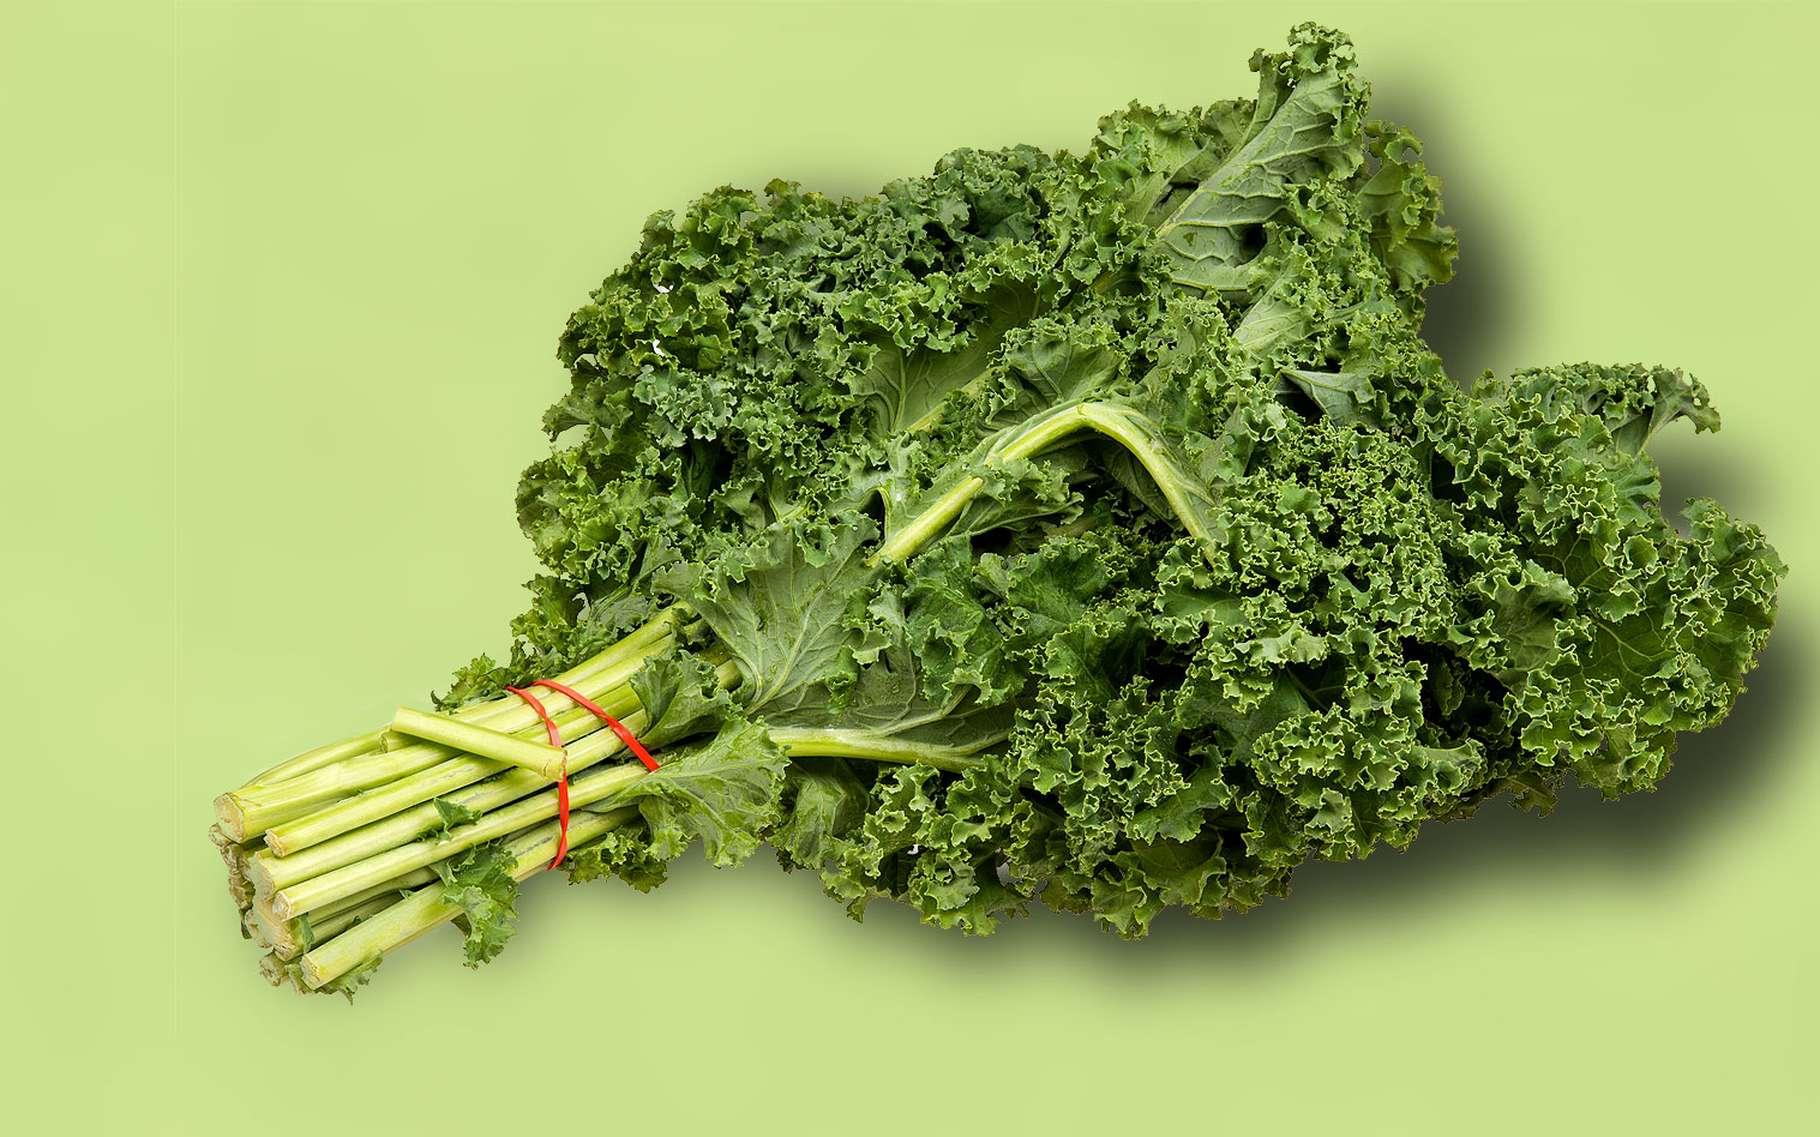 Le chou kale aux apports nutritifs impressionnants. © Evan-Amos, Wikimedia commons, Domaine Public